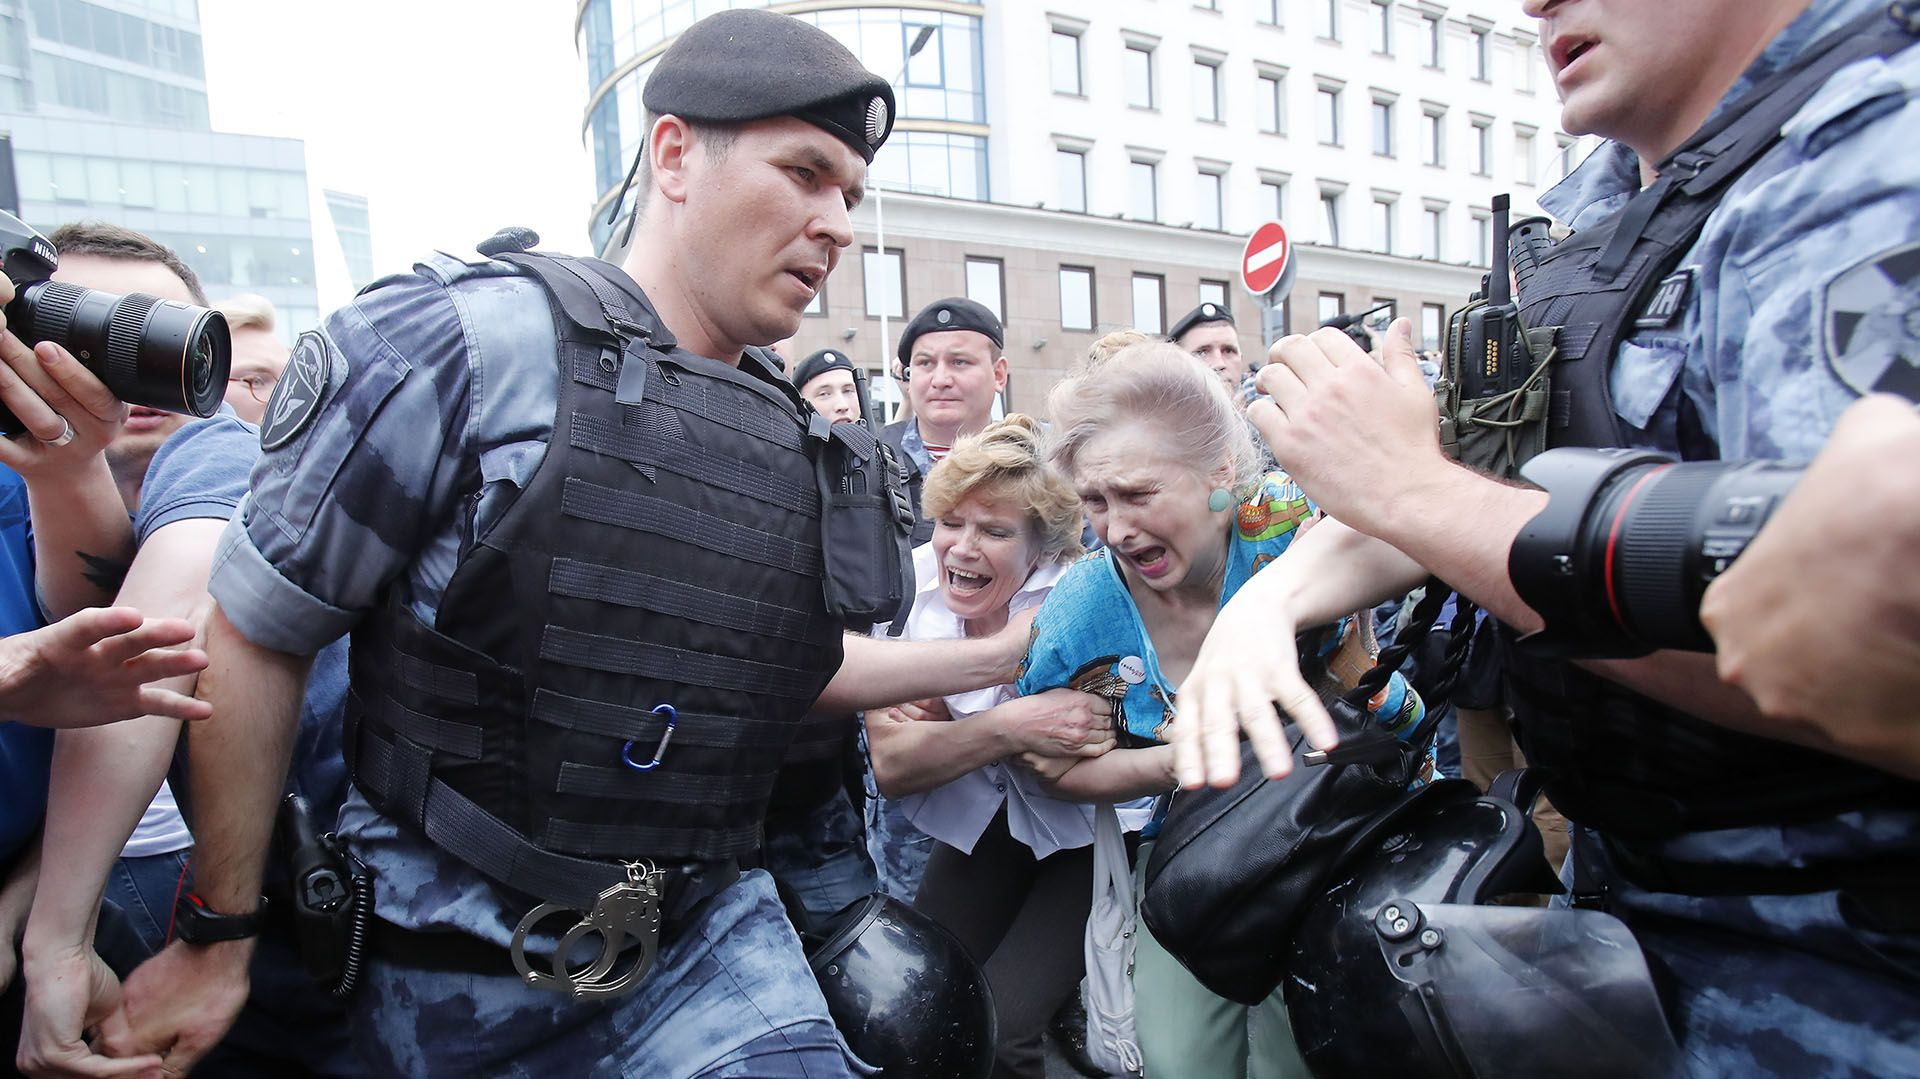 Hasta el momento se han reportado 94 manifestantes arrestados (Reuters)